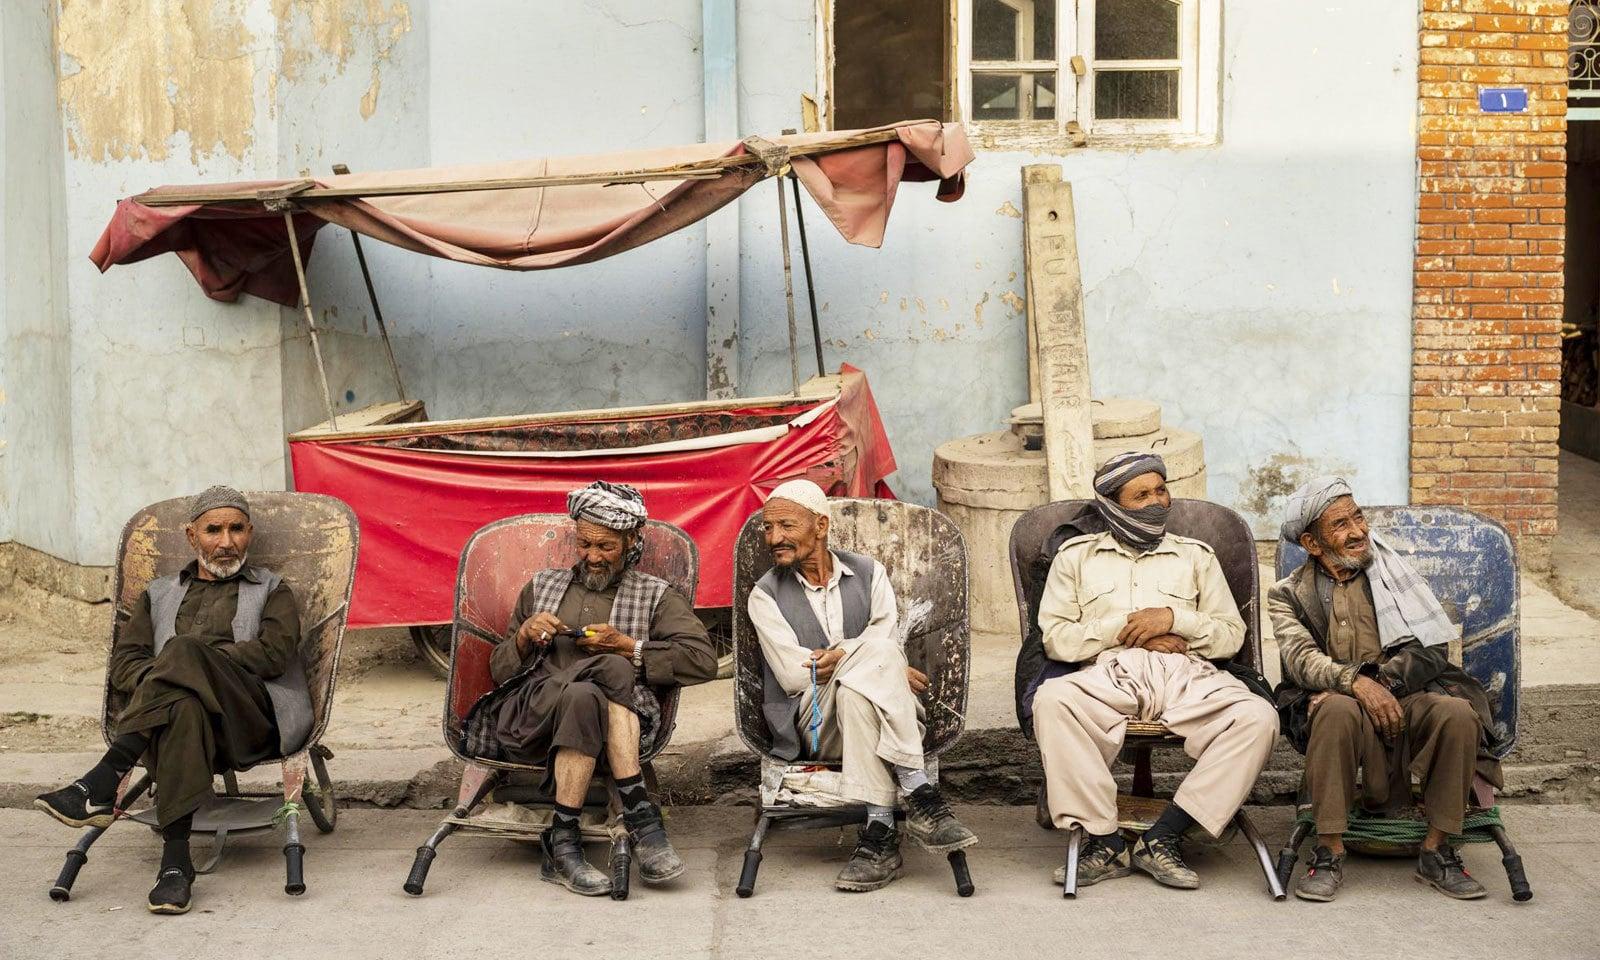 افغان مزدور کابل کی گلی میں گاہک کا انتظار کررہے ہیں —فوٹو: اے پی